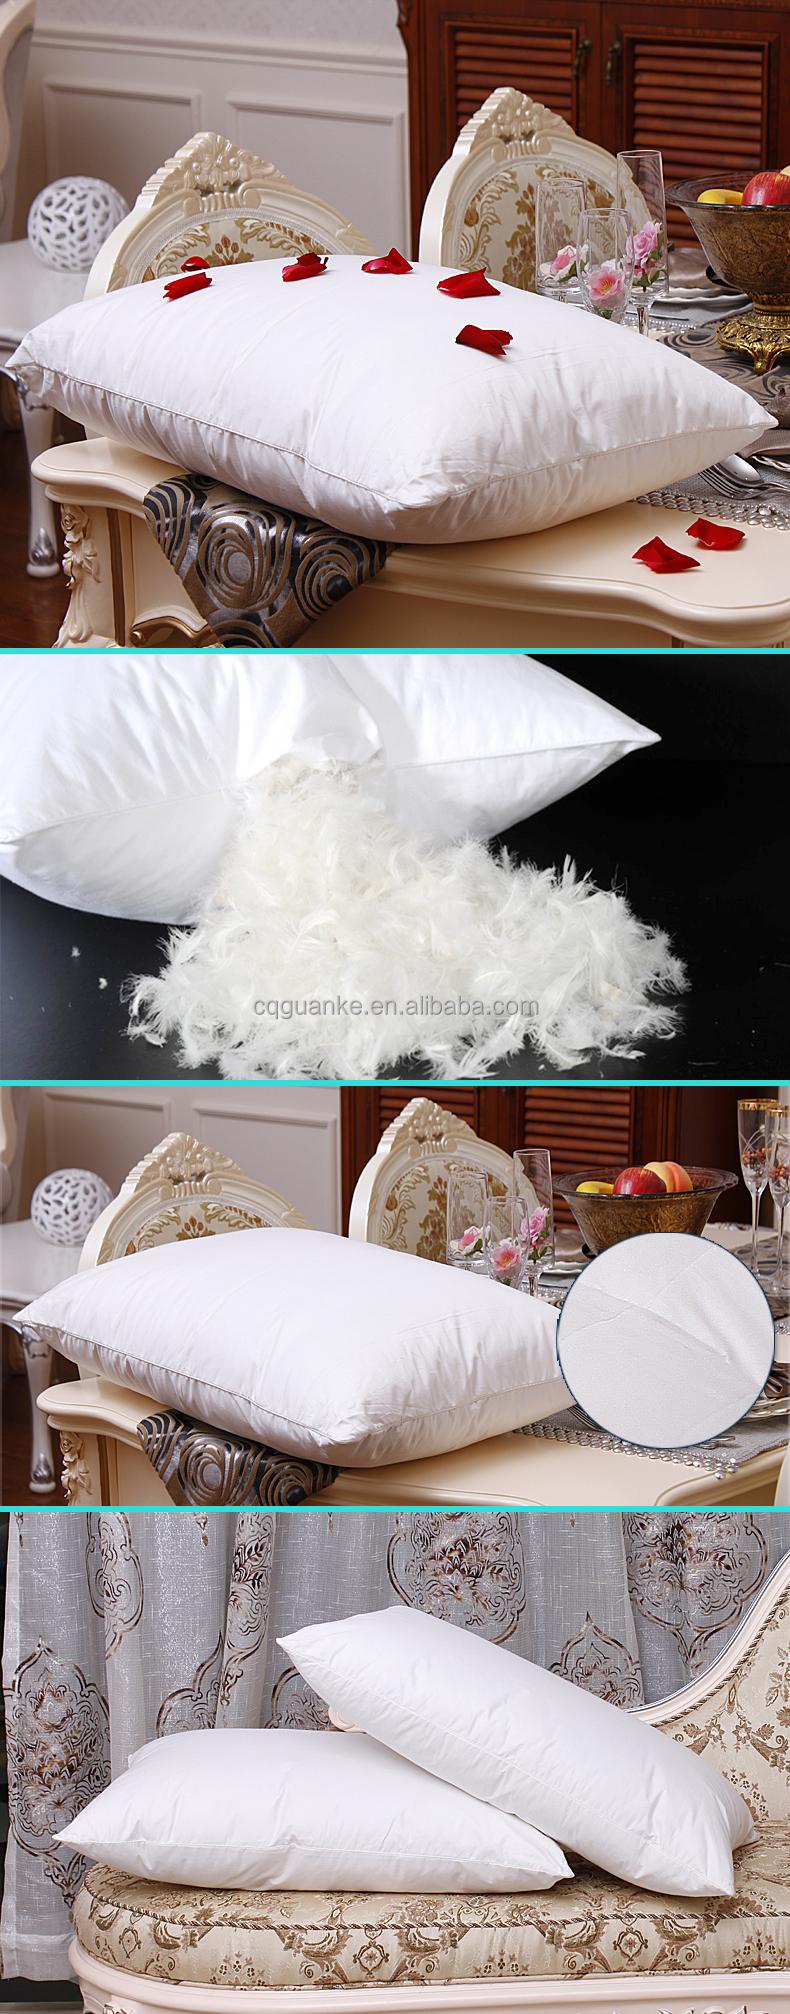 fabrication prix confortable luxe h tel accueil duvet d 39 oie oreiller oreiller id de produit. Black Bedroom Furniture Sets. Home Design Ideas